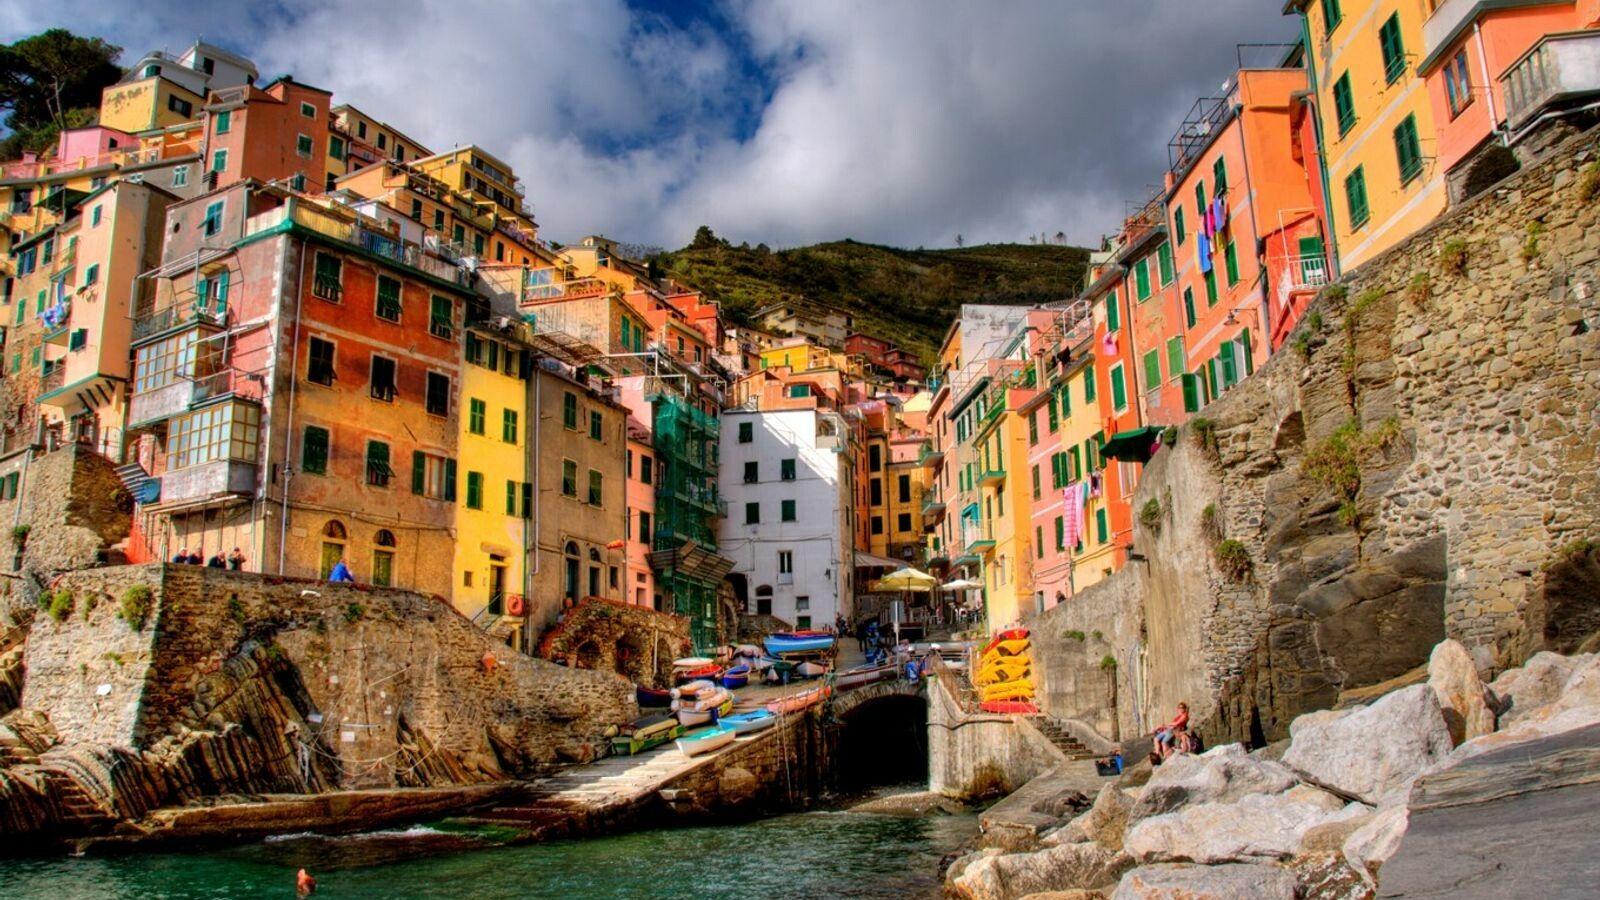 Riomaggiore, eins der malerischen Städtchen der Cinque Terre im Nordwesten von Italien.